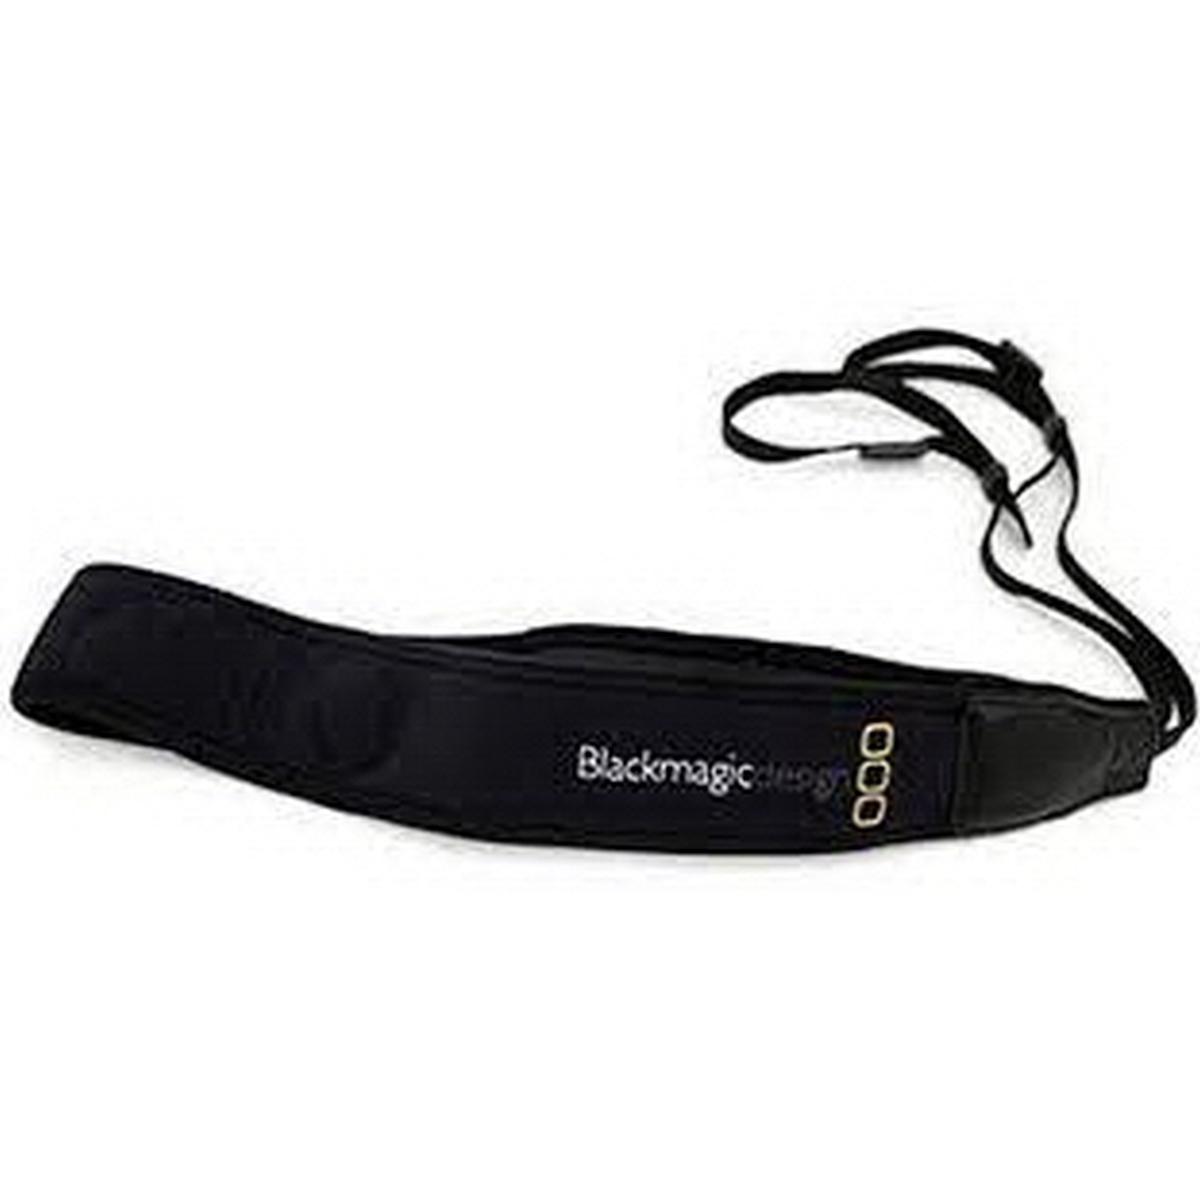 Blackmagic  Camera URSA Mini - Handstrap